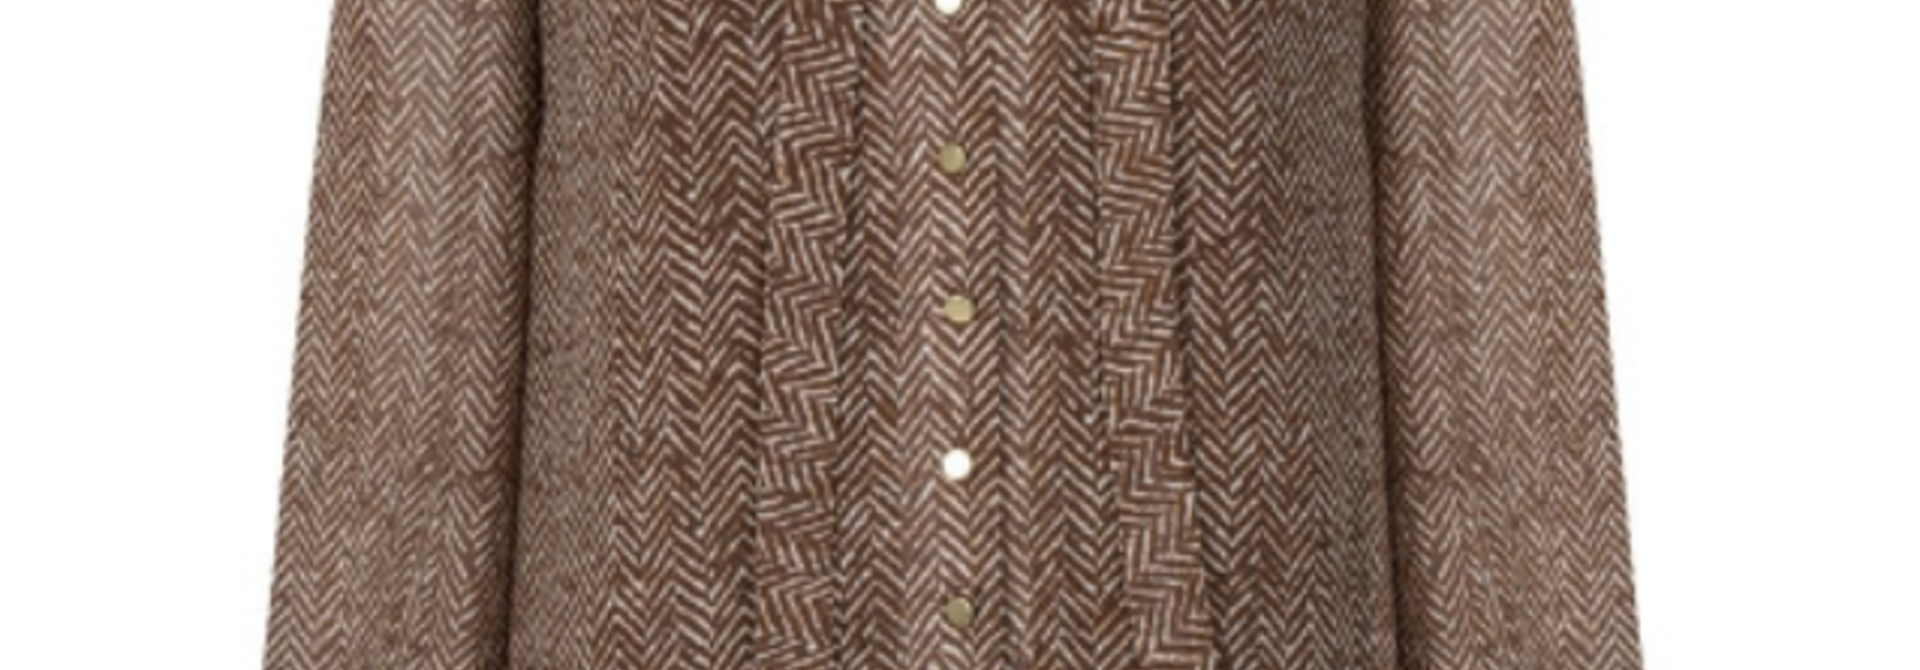 Bibi chevron printed blouse